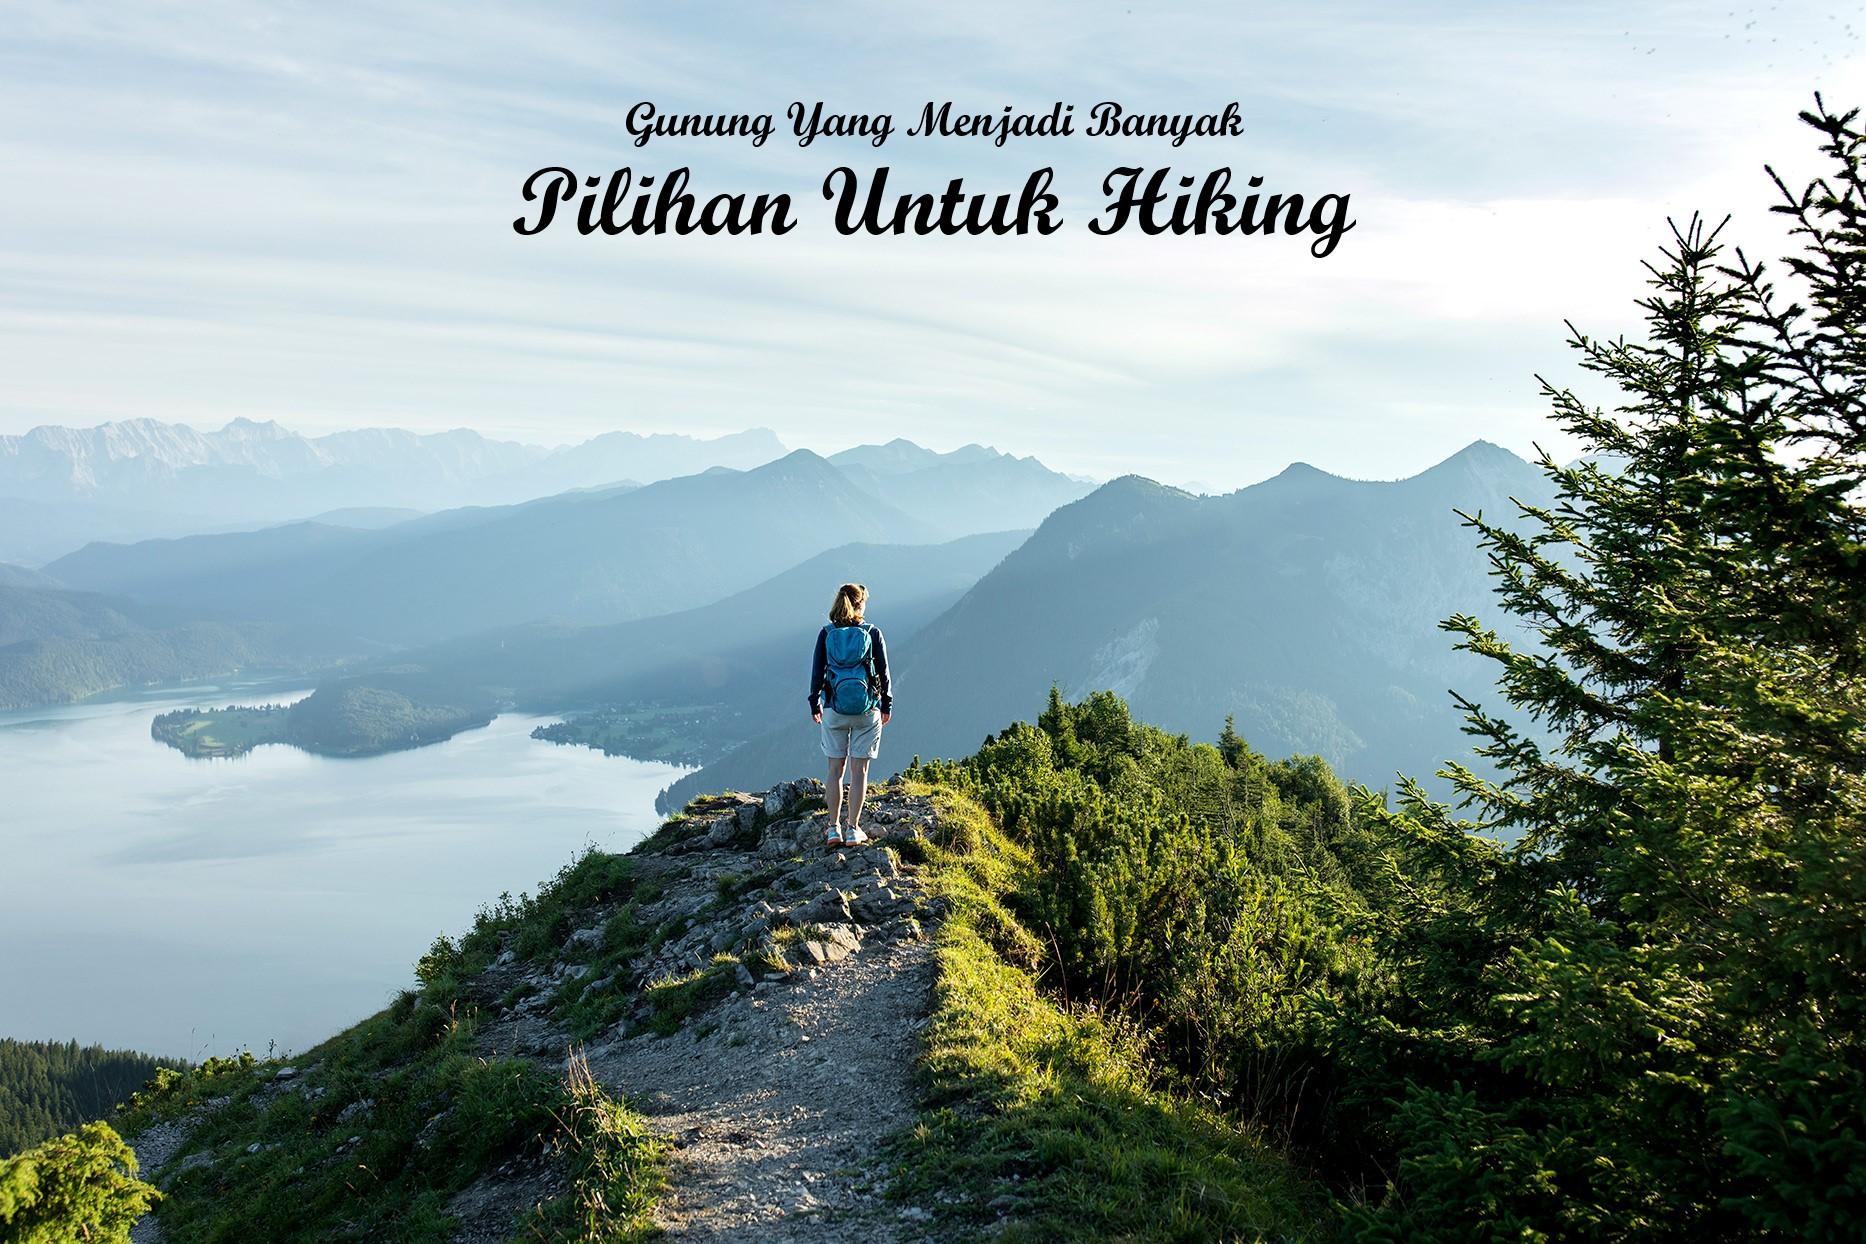 Gunung Yang Menjadi Banyak Pilihan Untuk Hiking